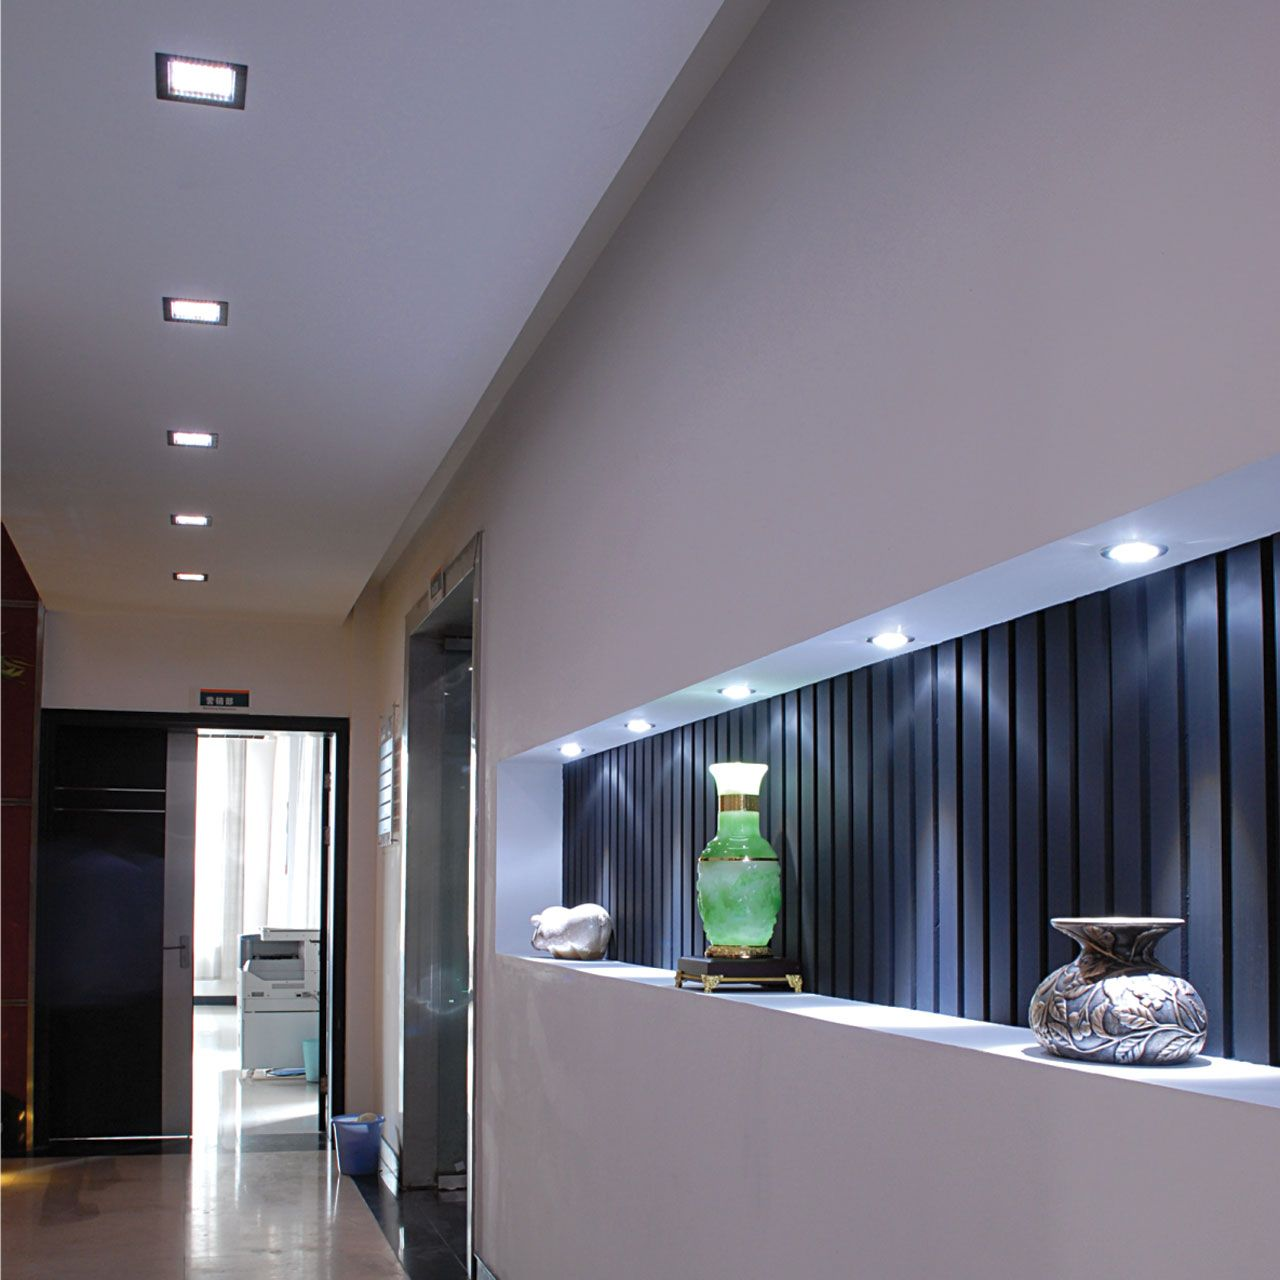 Un corridoio illuminato con faretti led a incasso for Faretti a incasso